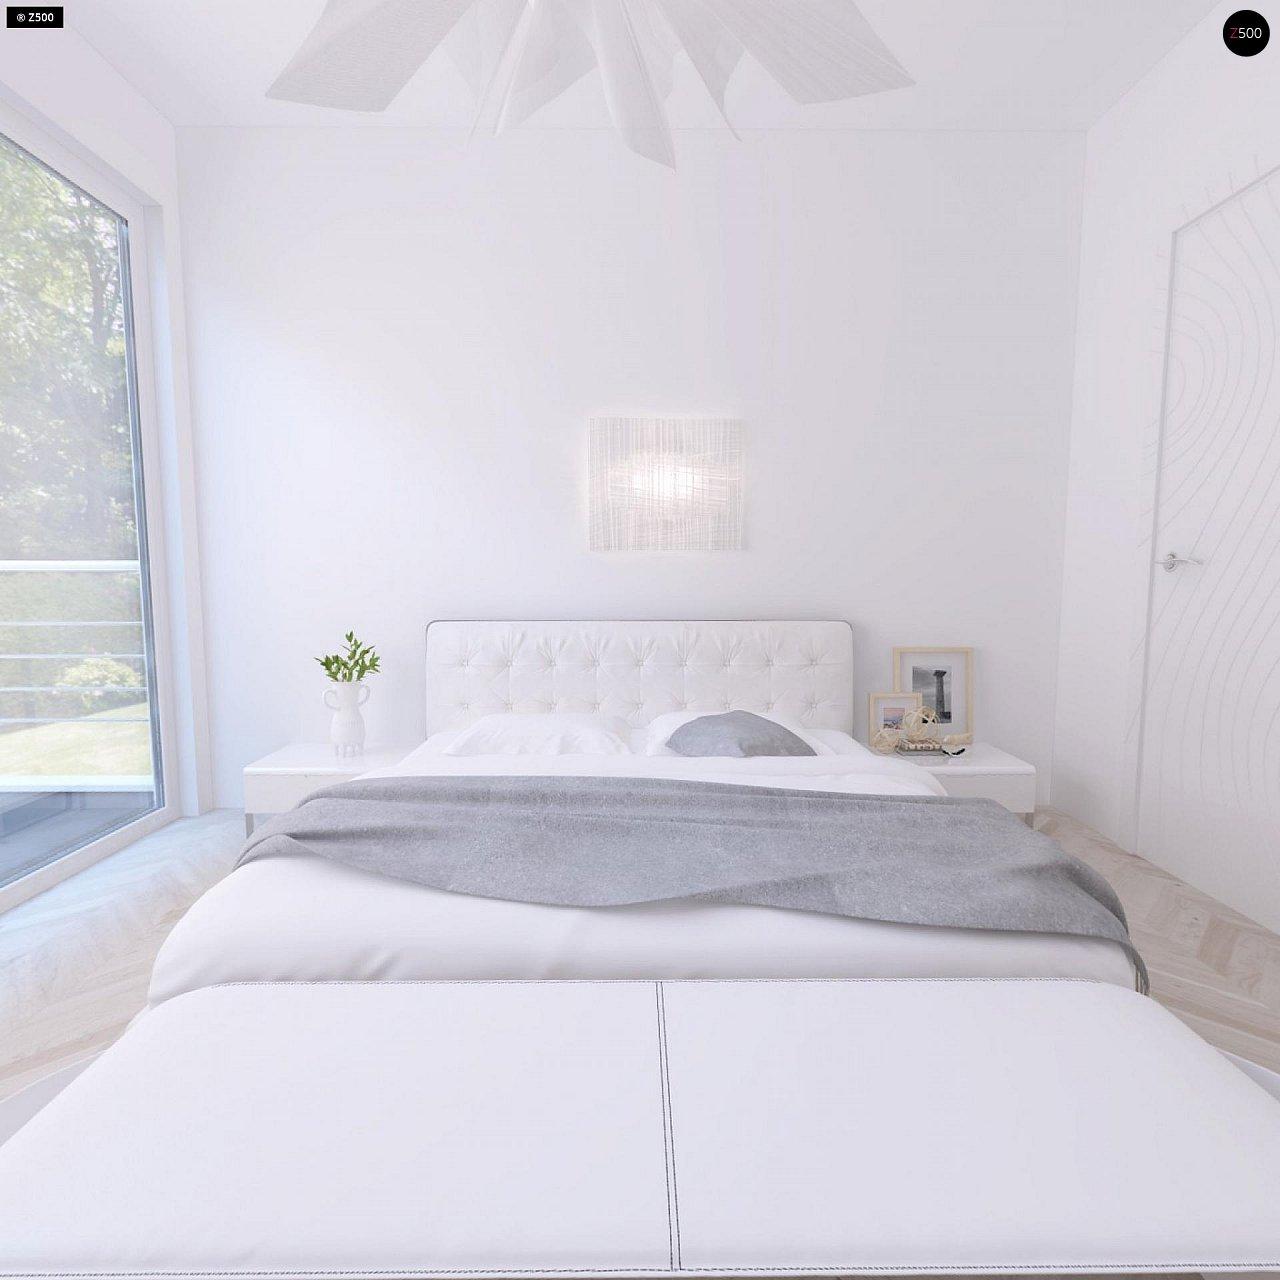 Проект компактного двухэтажного дома строгого современного стиля. 9